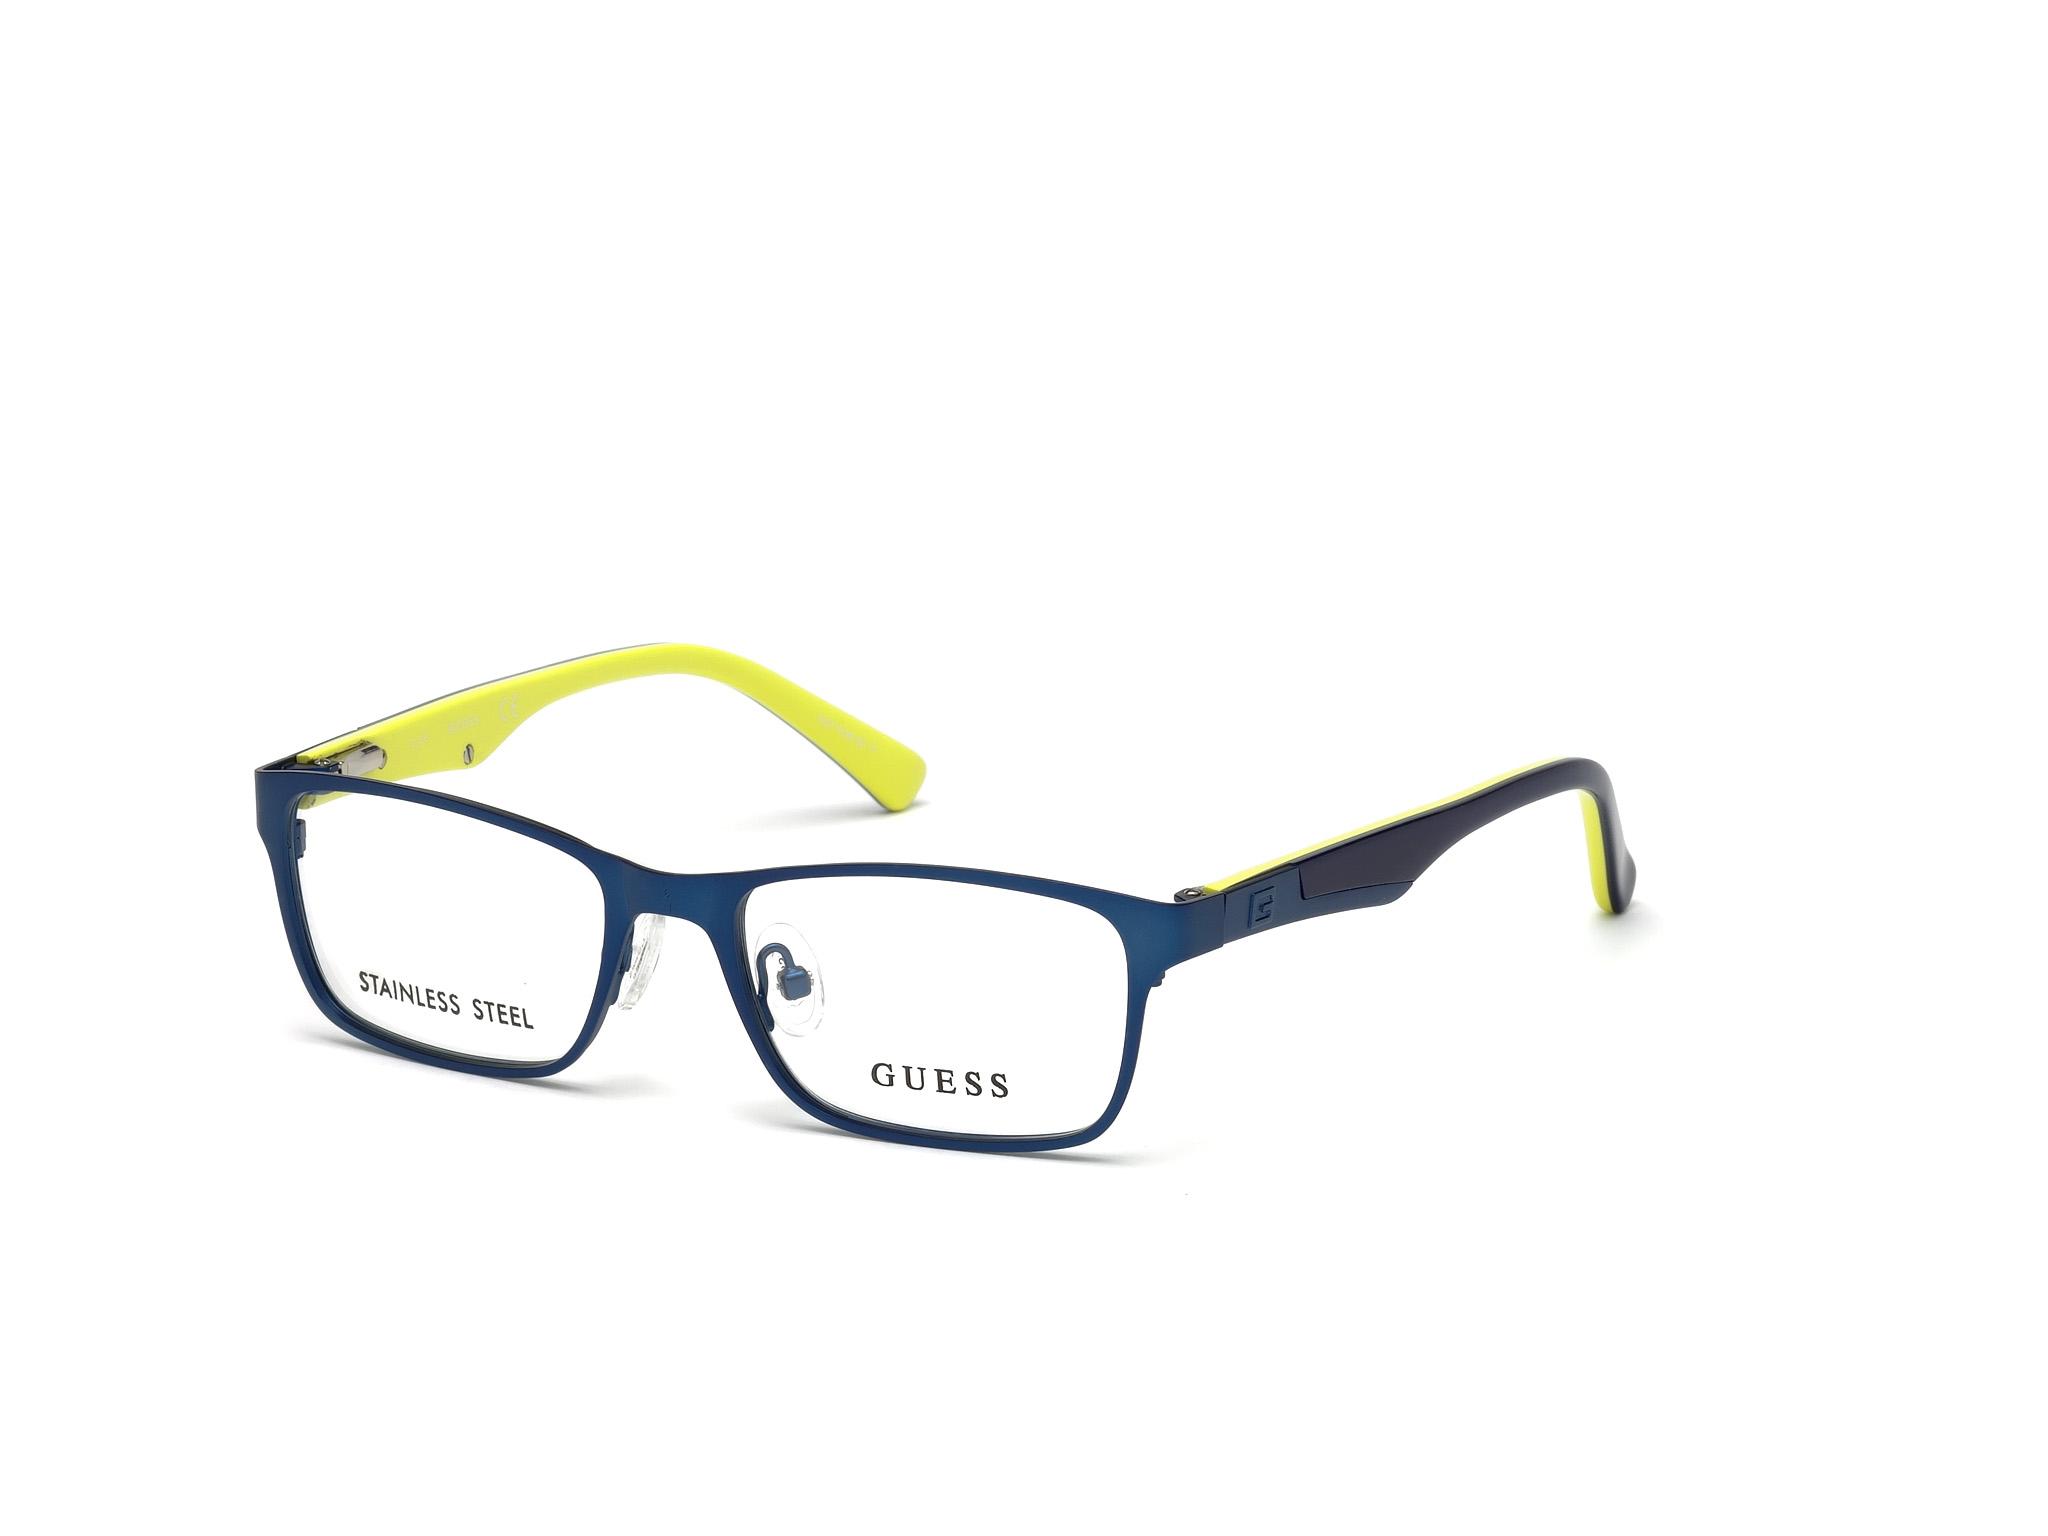 882da63e4c5 Eyewear for Kids - 8-10 years Guess - Optiwow